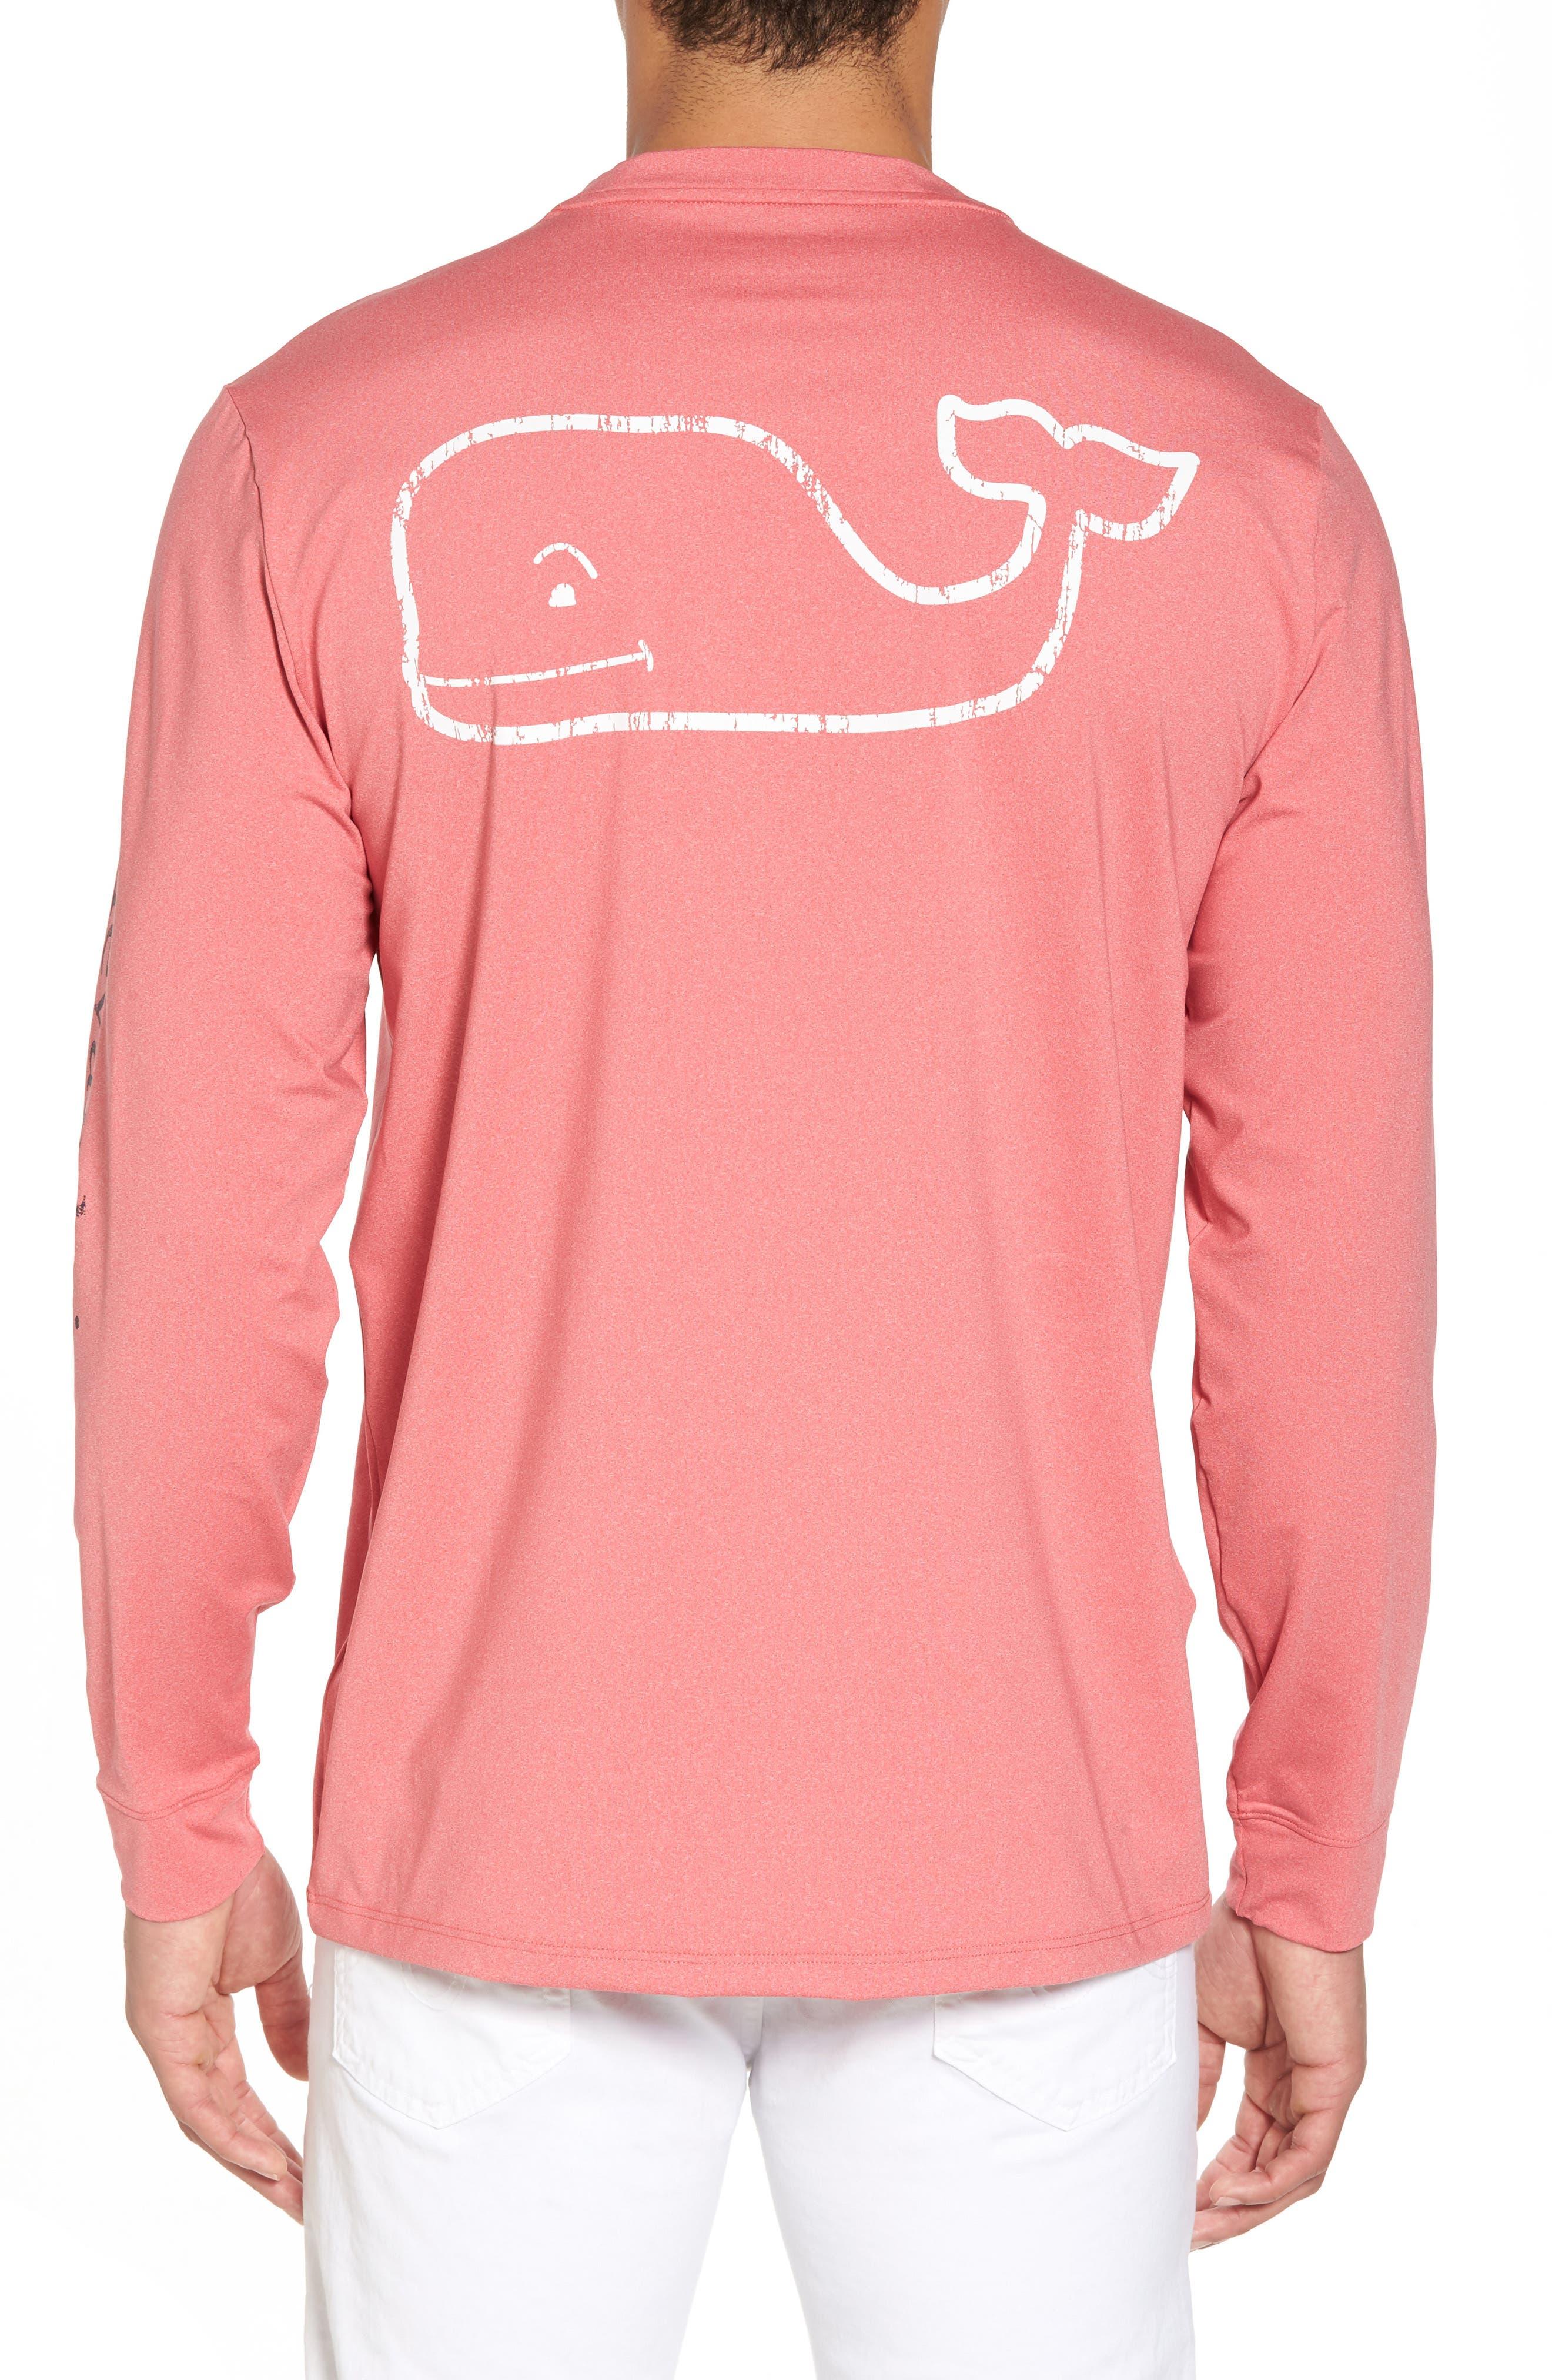 Vintage Whale Performance T-Shirt,                             Alternate thumbnail 6, color,